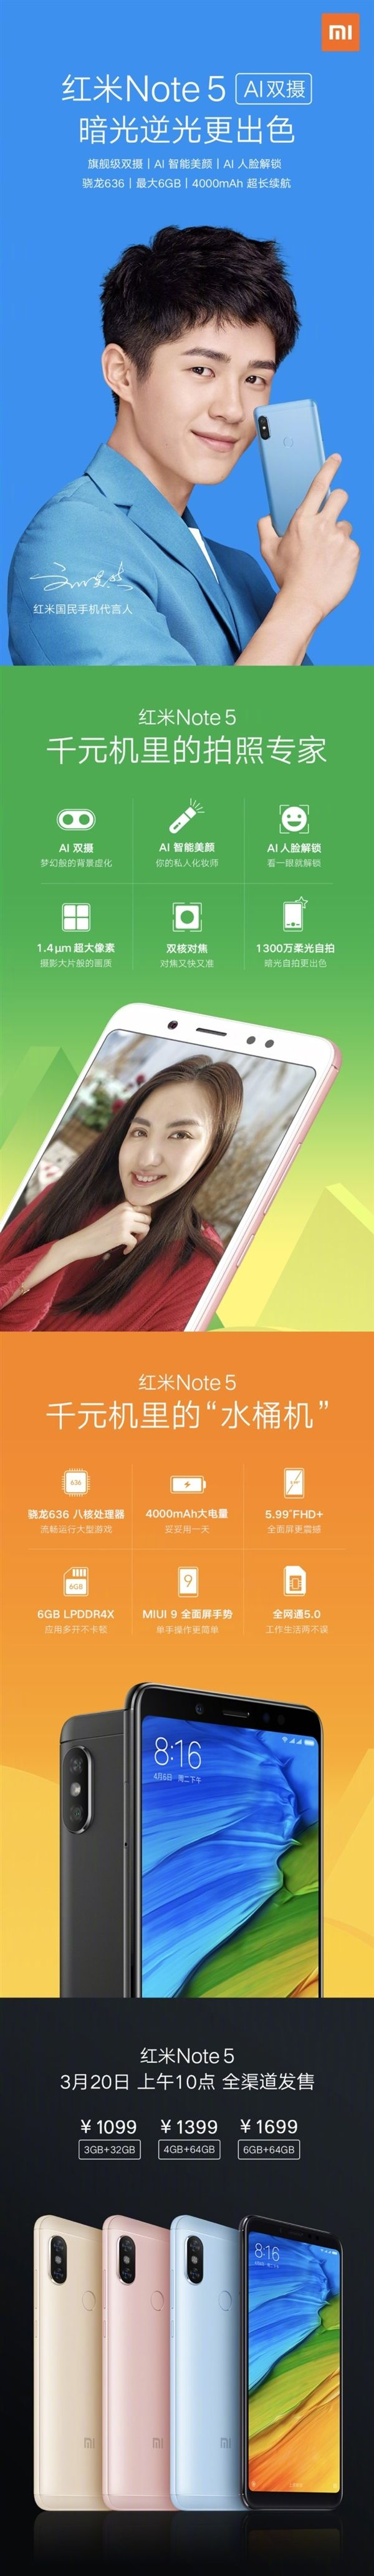 Анонс Xiaomi Redmi Note 5 в Китае: выносливый, привлекательный и с «мозговитыми» камерами – фото 10